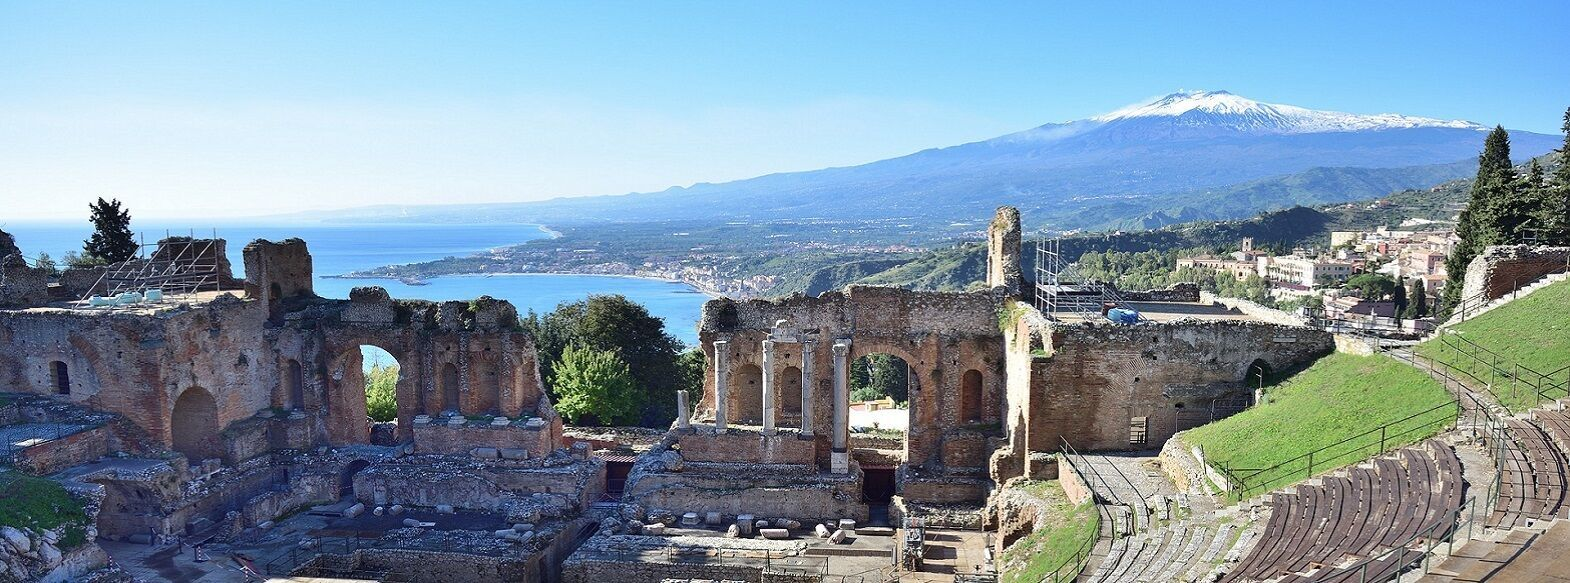 I migliori luoghi della movida estiva in italia - La finestra sul mare taormina ...